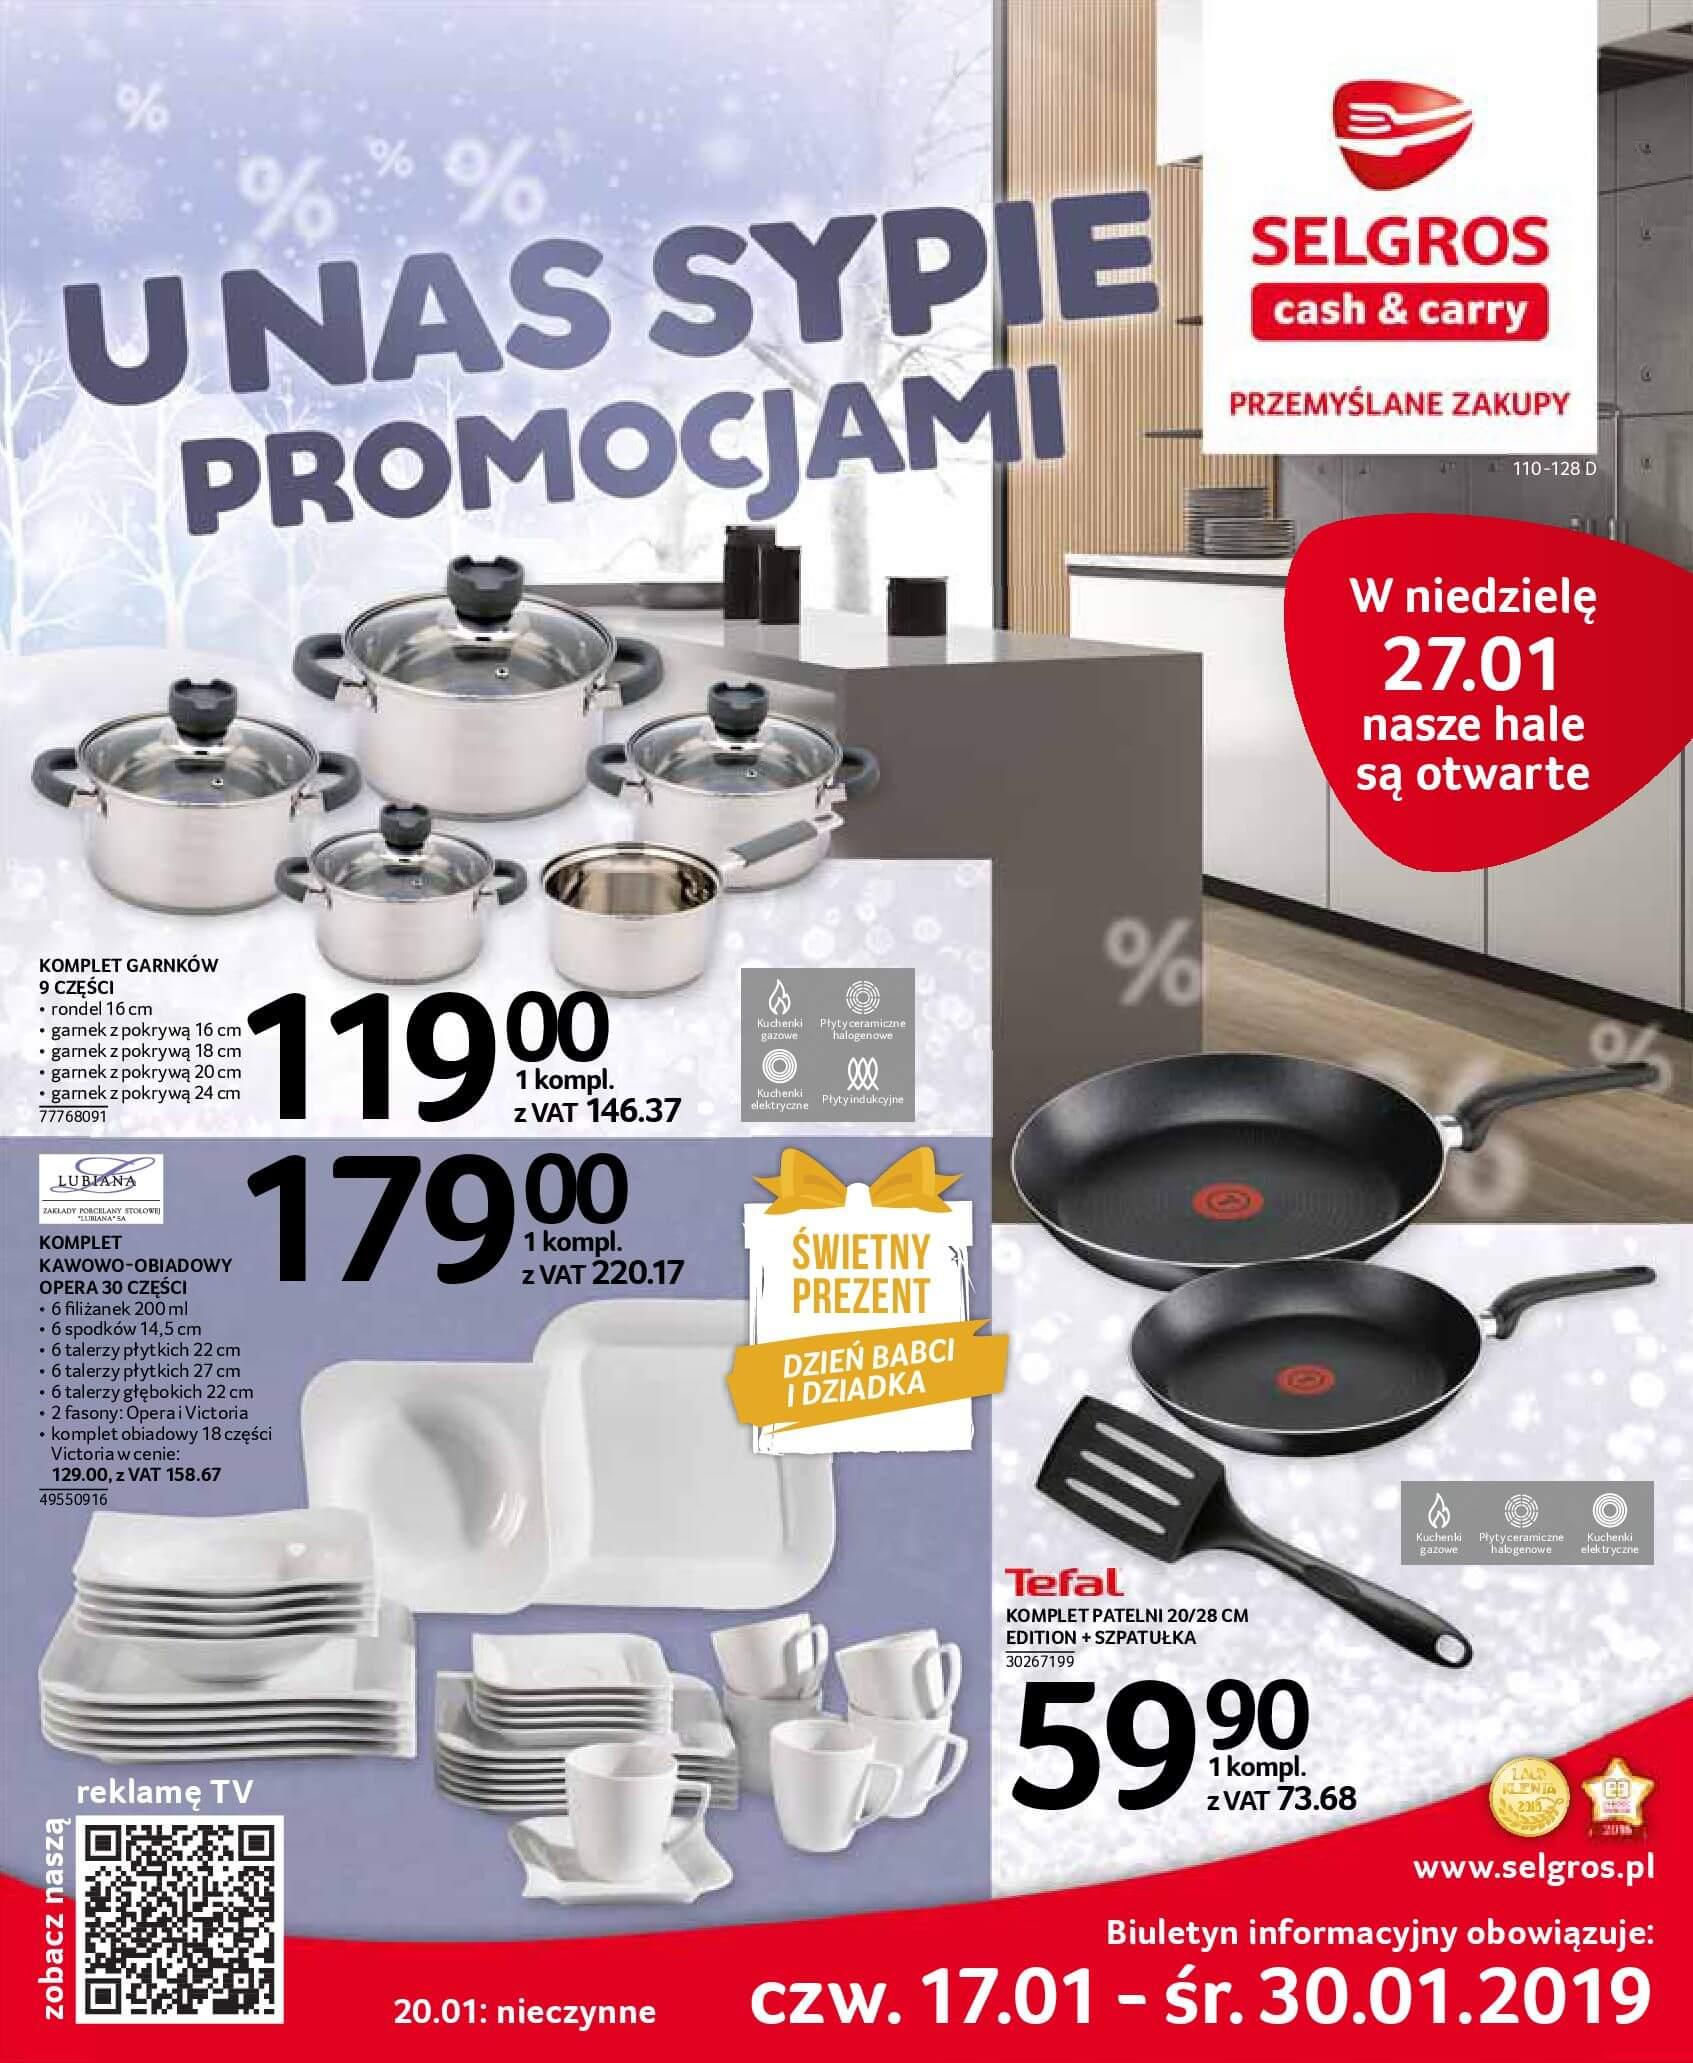 Gazetka Selgros - U nas sypie promocjami-16.01.2019-30.01.2019-page-